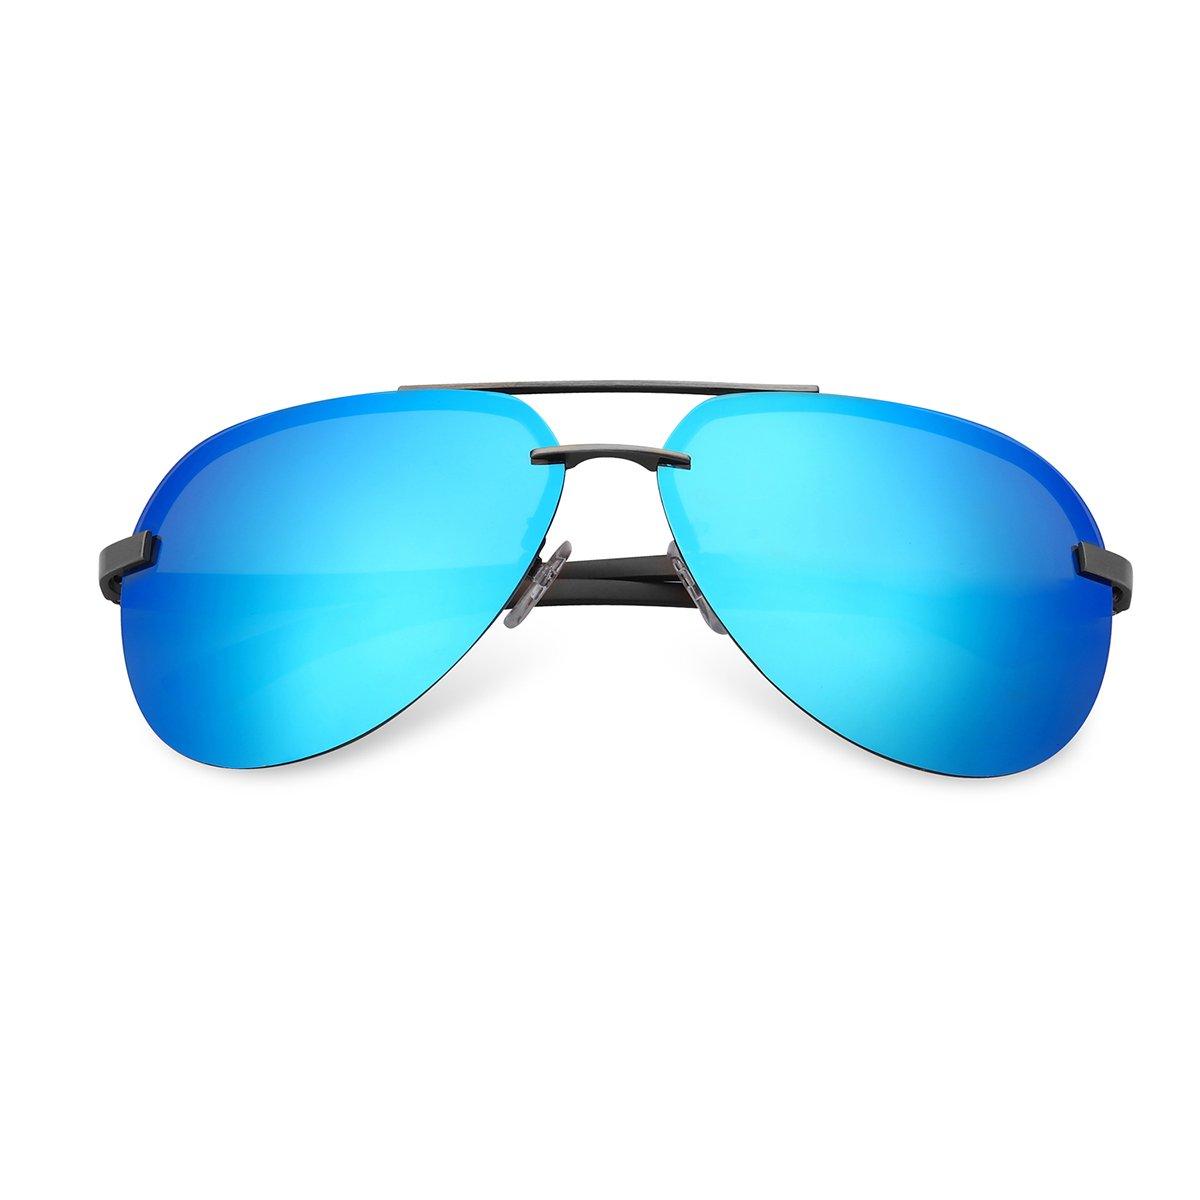 MPTECK @ Gafas de Sol Hombre Polarizadas clásico polarizado UV 400 Protección Azul / Gunmetal Marco de metal gafas de sol con el caso estuche y pañuelo: ...